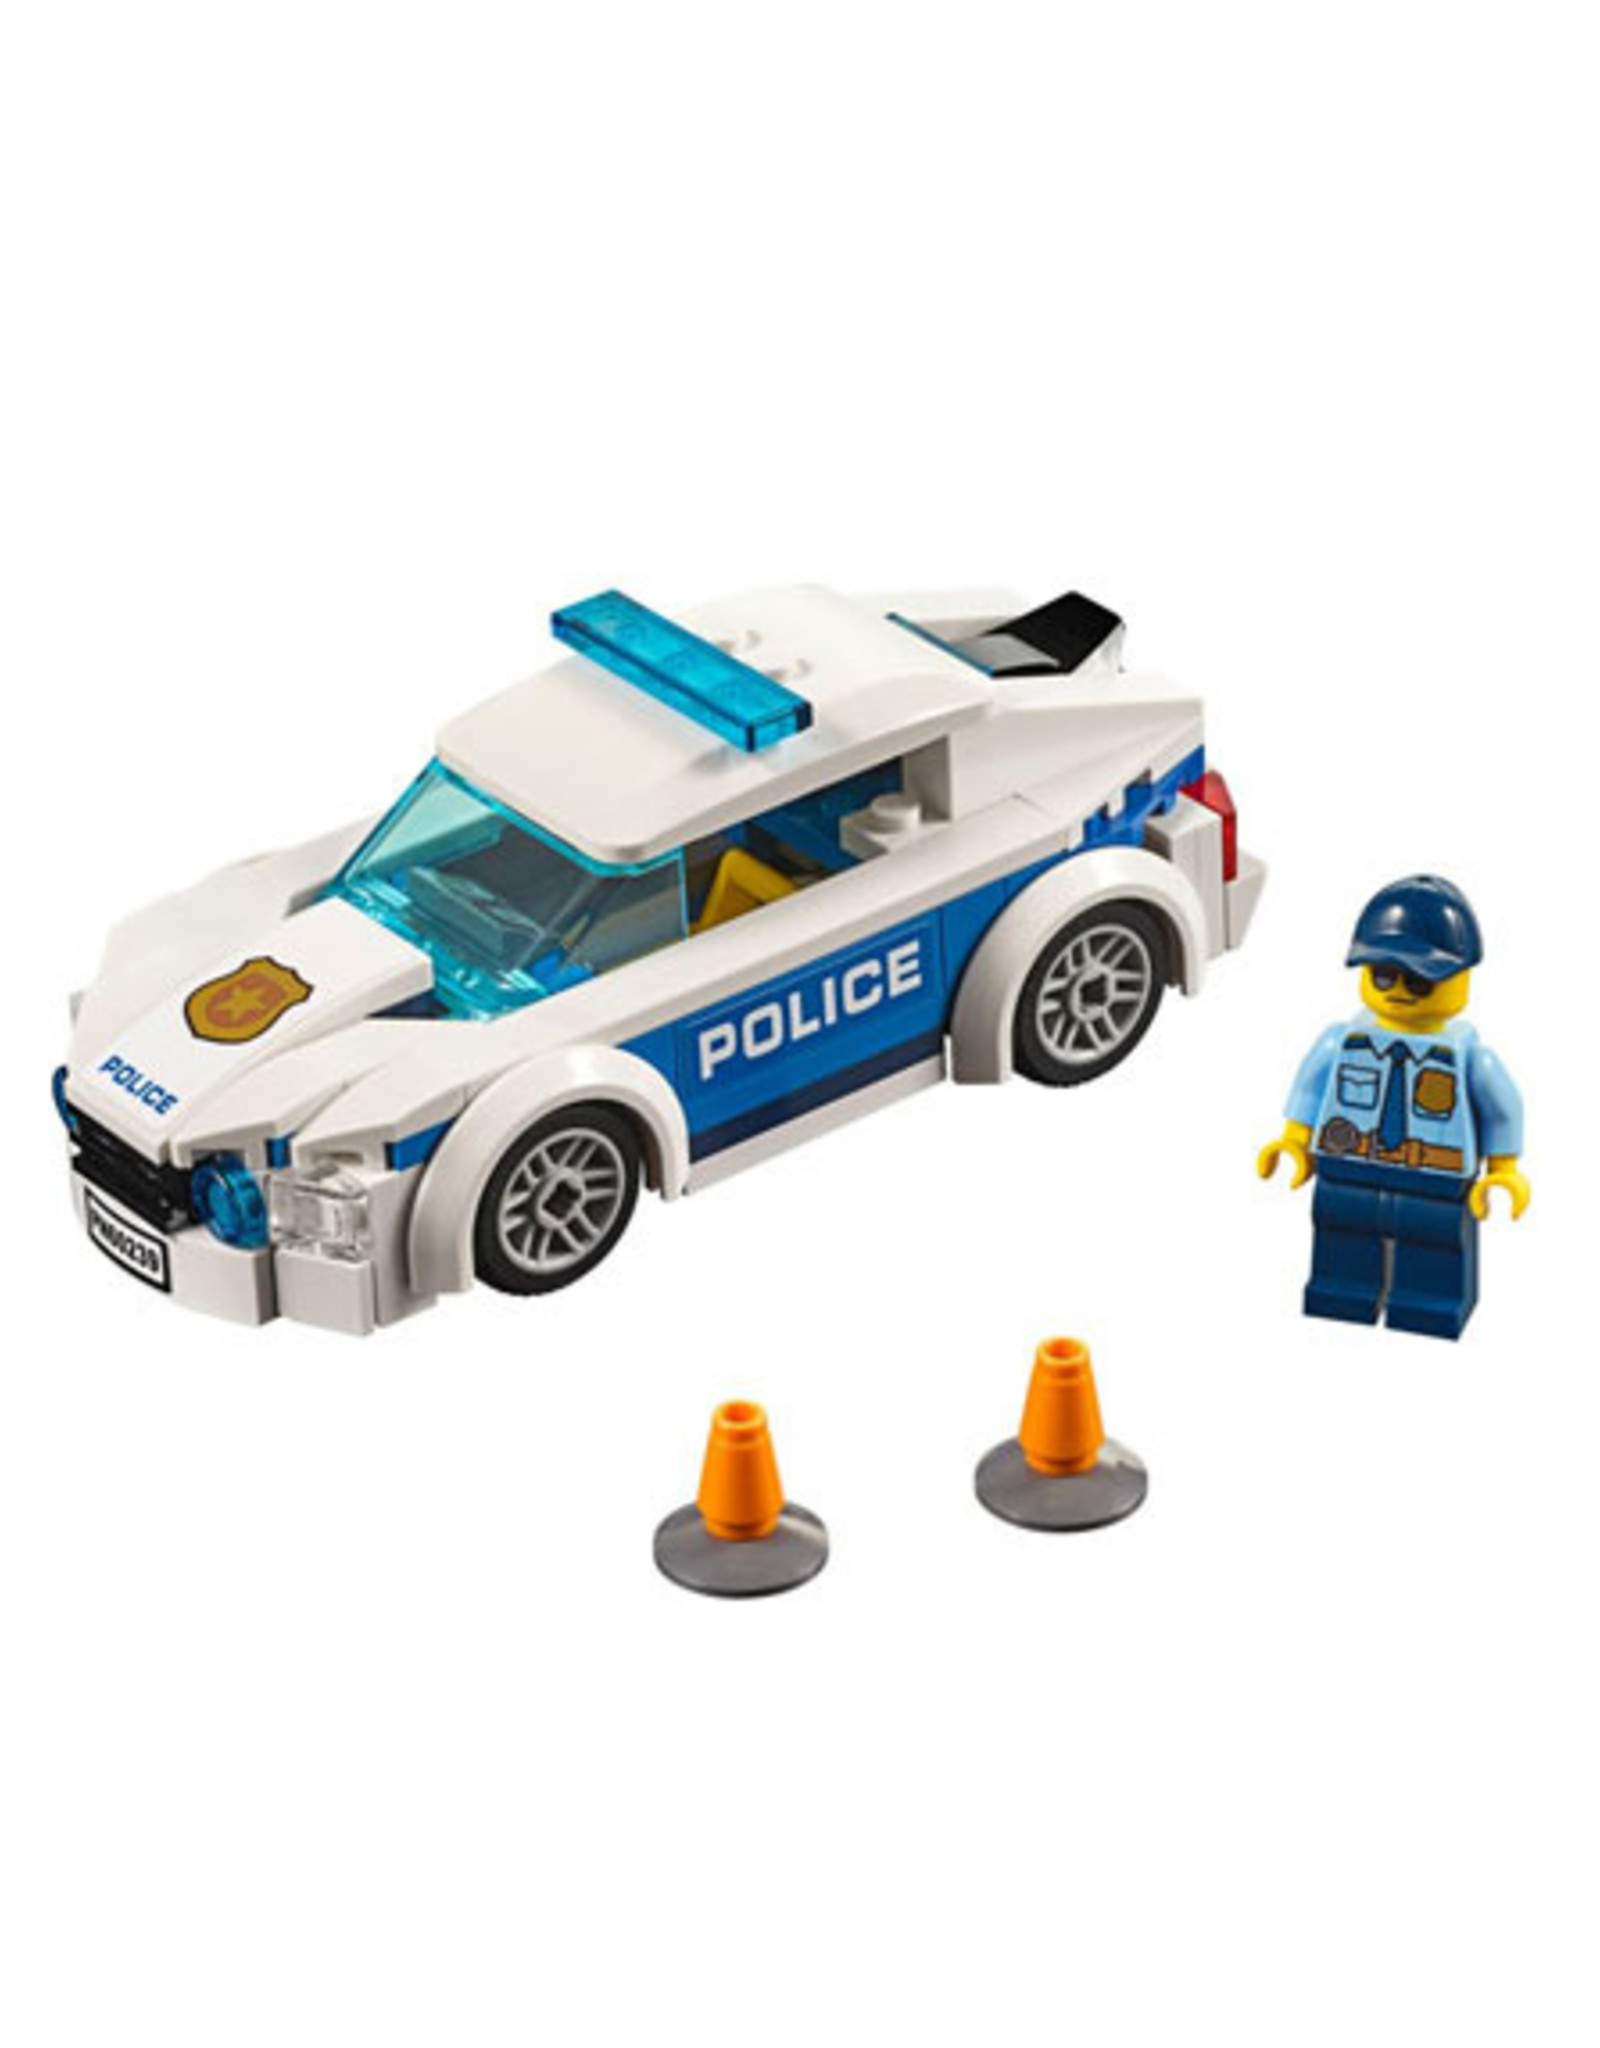 LEGO LEGO 60239 Police Patrol Car CITY